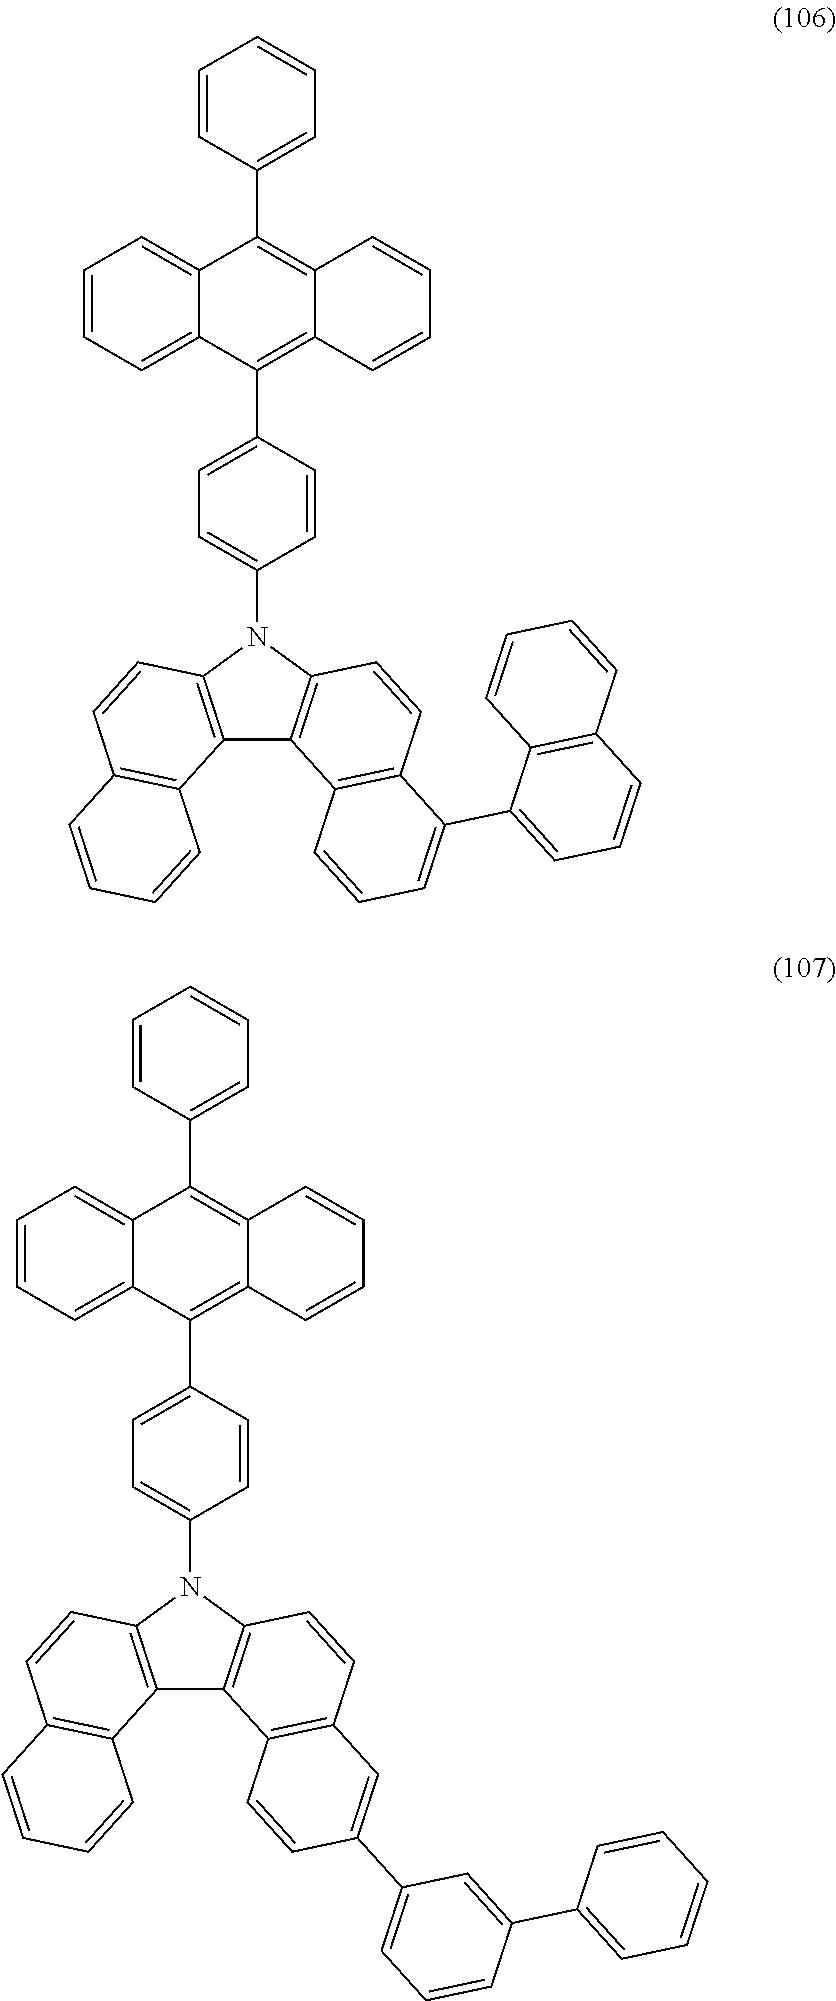 Figure US20130020561A1-20130124-C00045